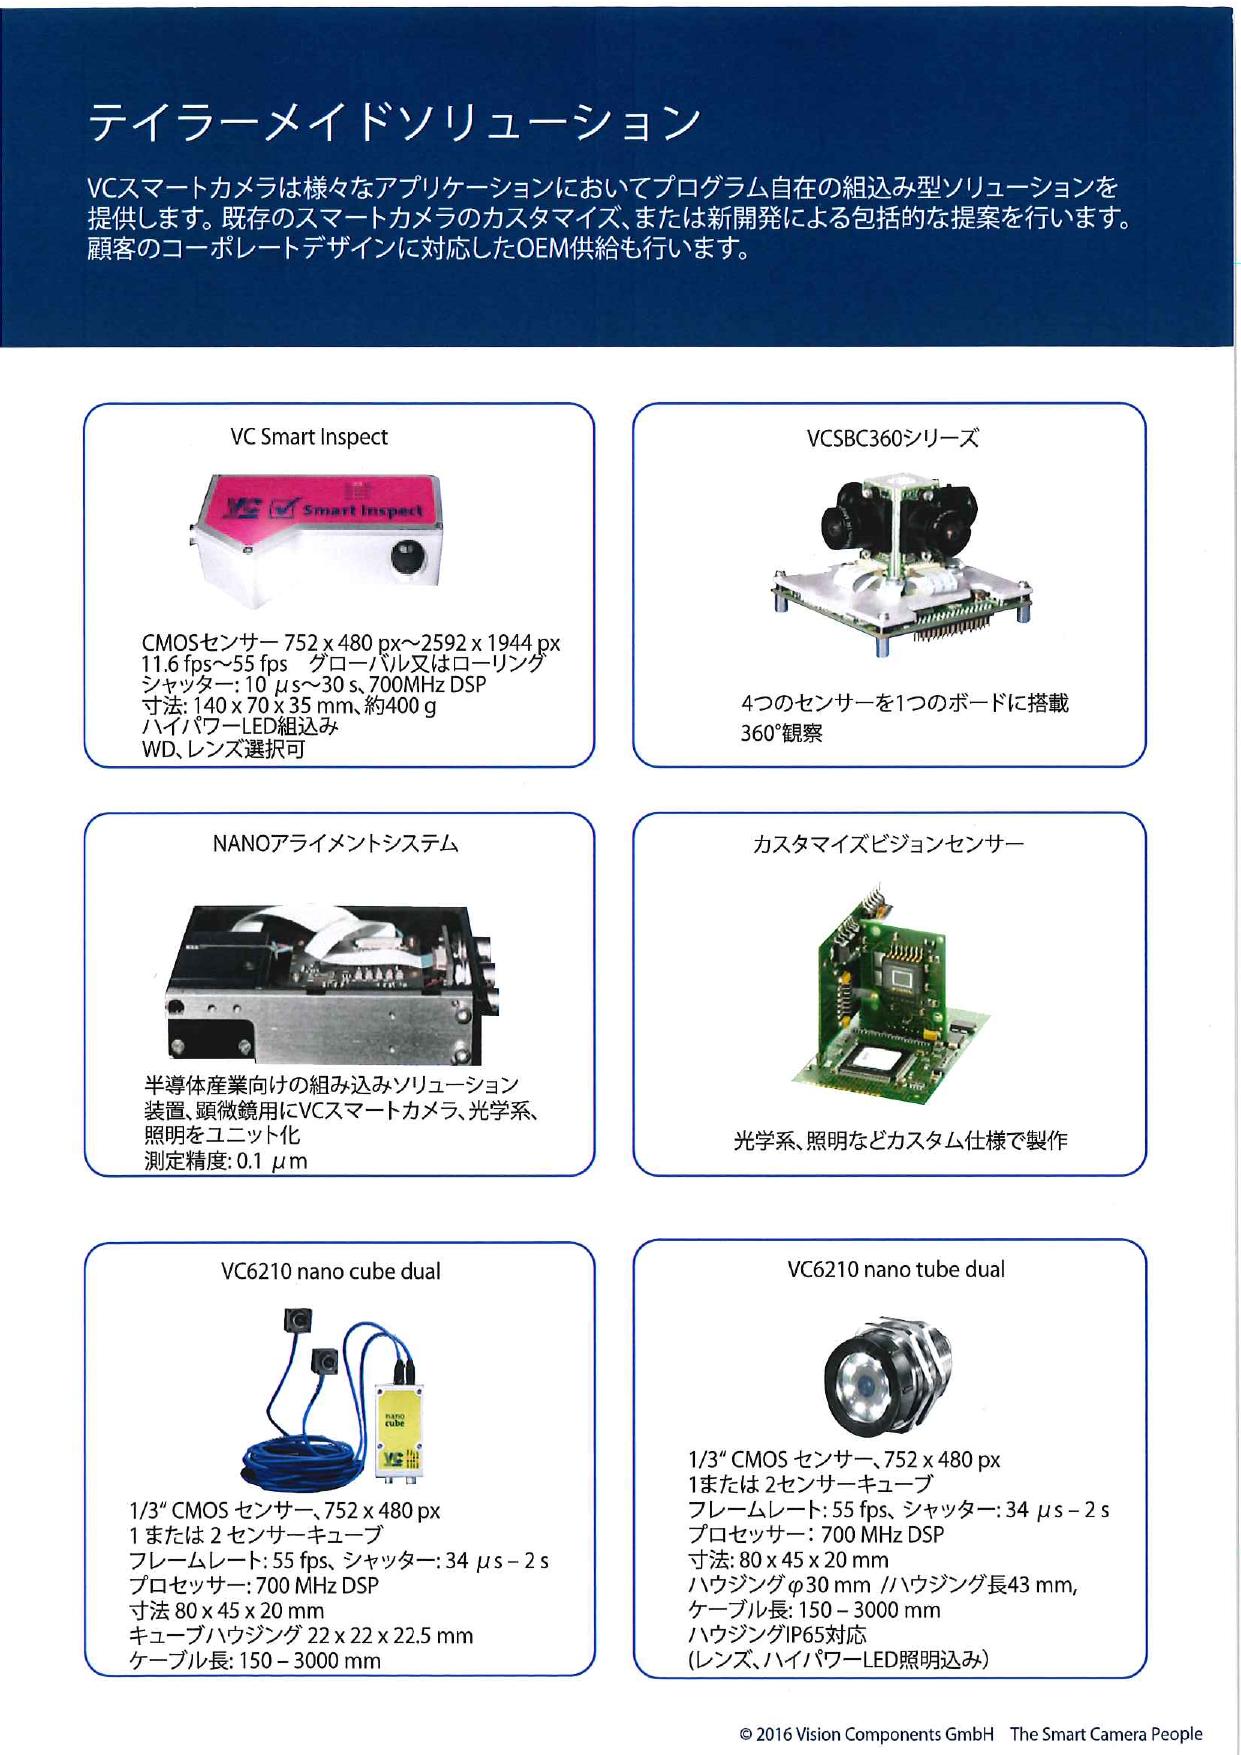 テイラーメイドソリューション / インテリジェントレーザー3Dカメラ VC nano 3D